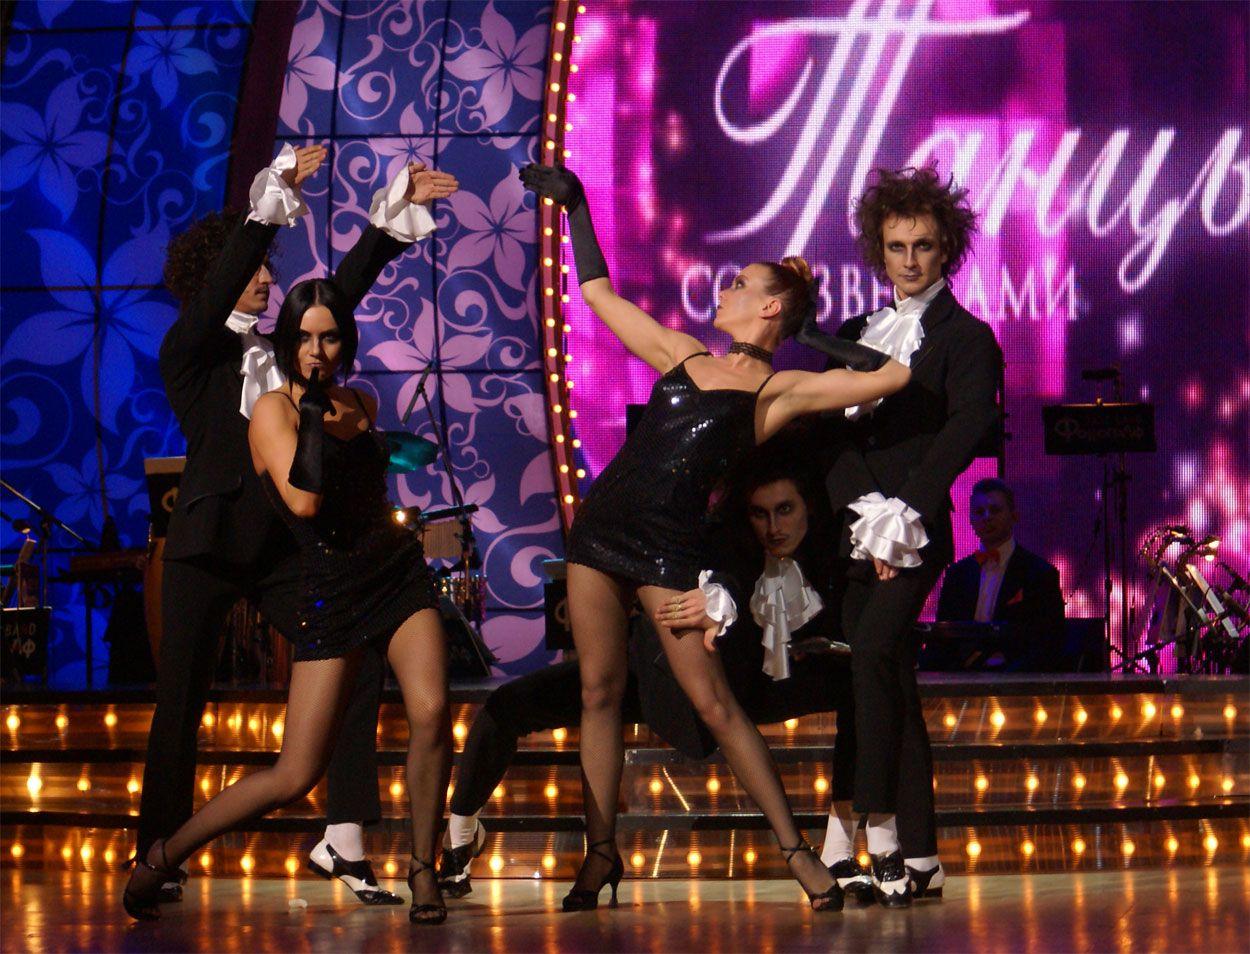 Звёздный Экспресс в ТВ шоу Танцы со Звездами